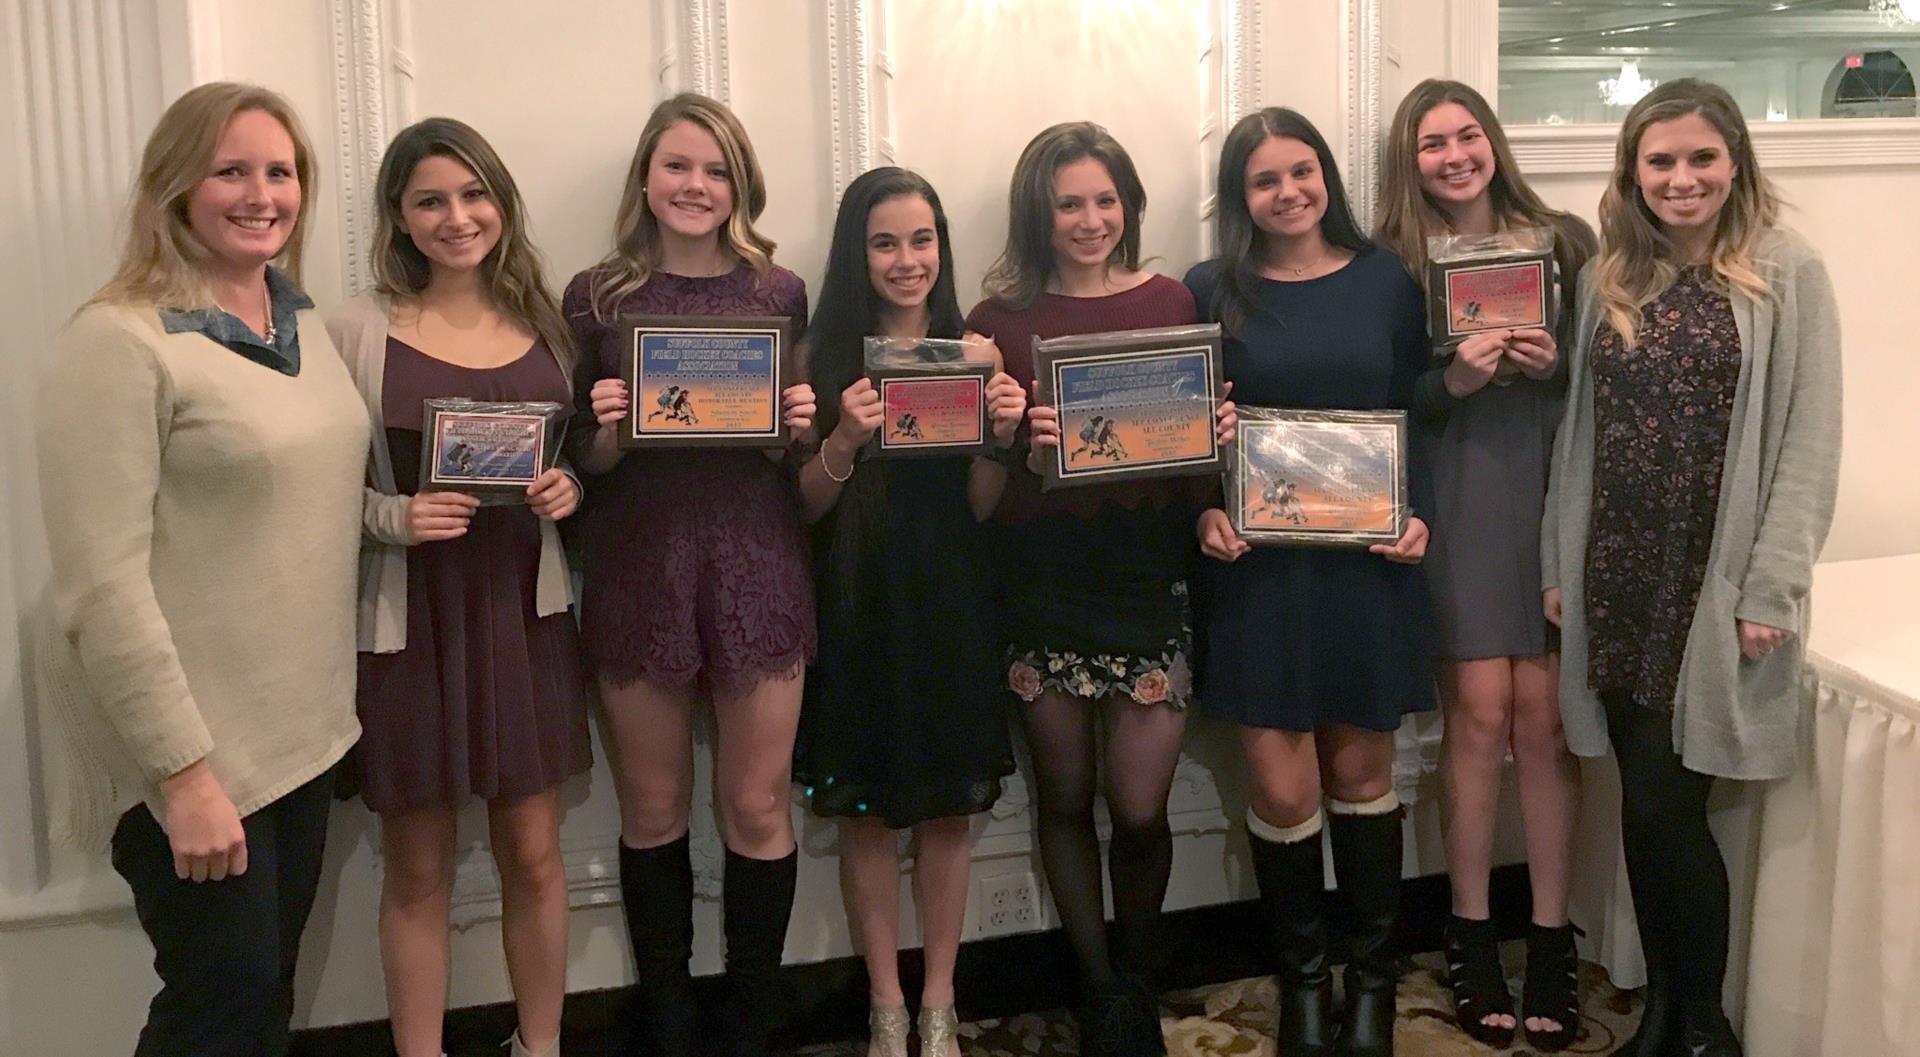 Field Hockey Award winners